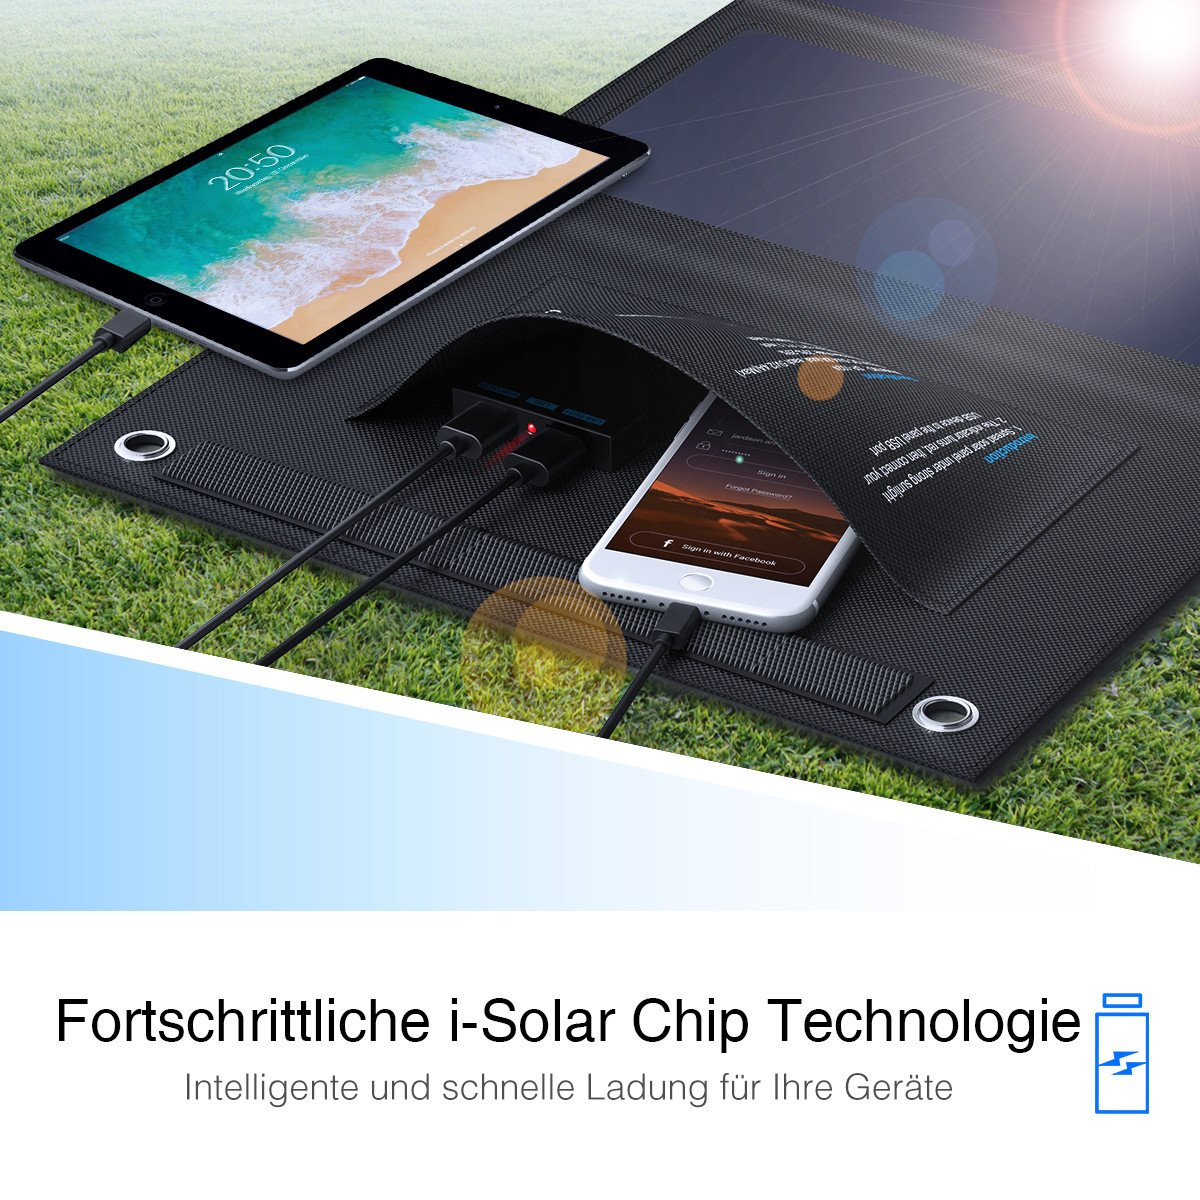 POWERADD 24W Faltbar Solarpanel mit USB Anschlüsse für Handys, Tablets und andere USB-Geräte